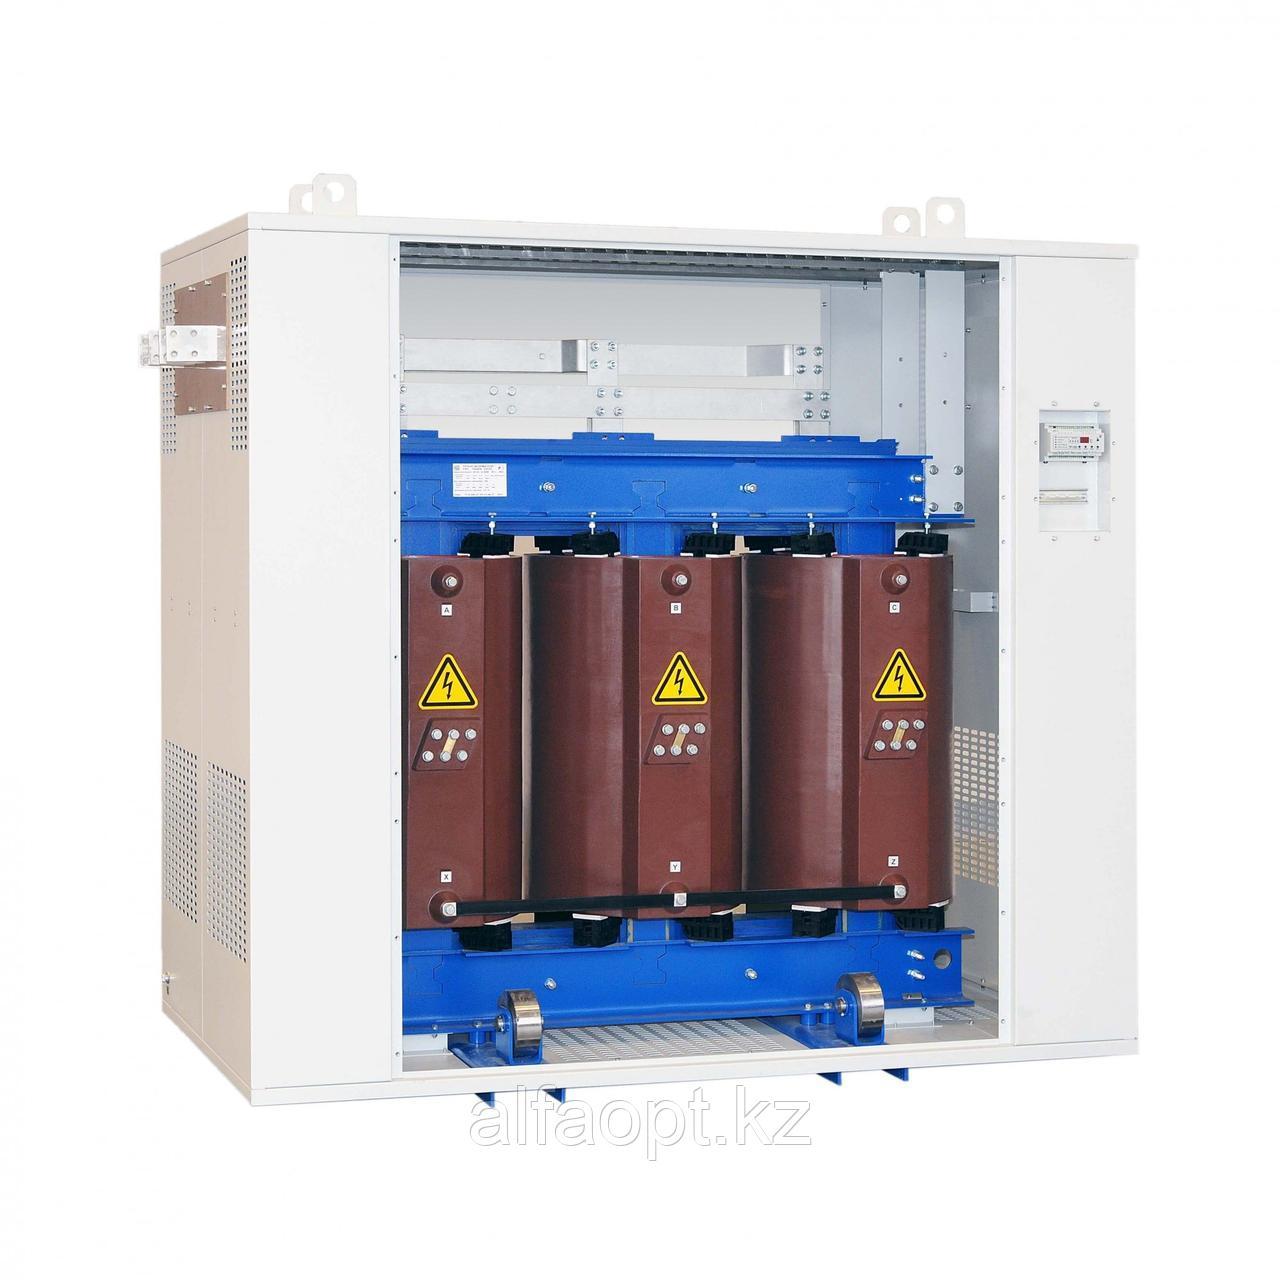 Трансформатор трехфазный с литой изоляцией ТЛС-16